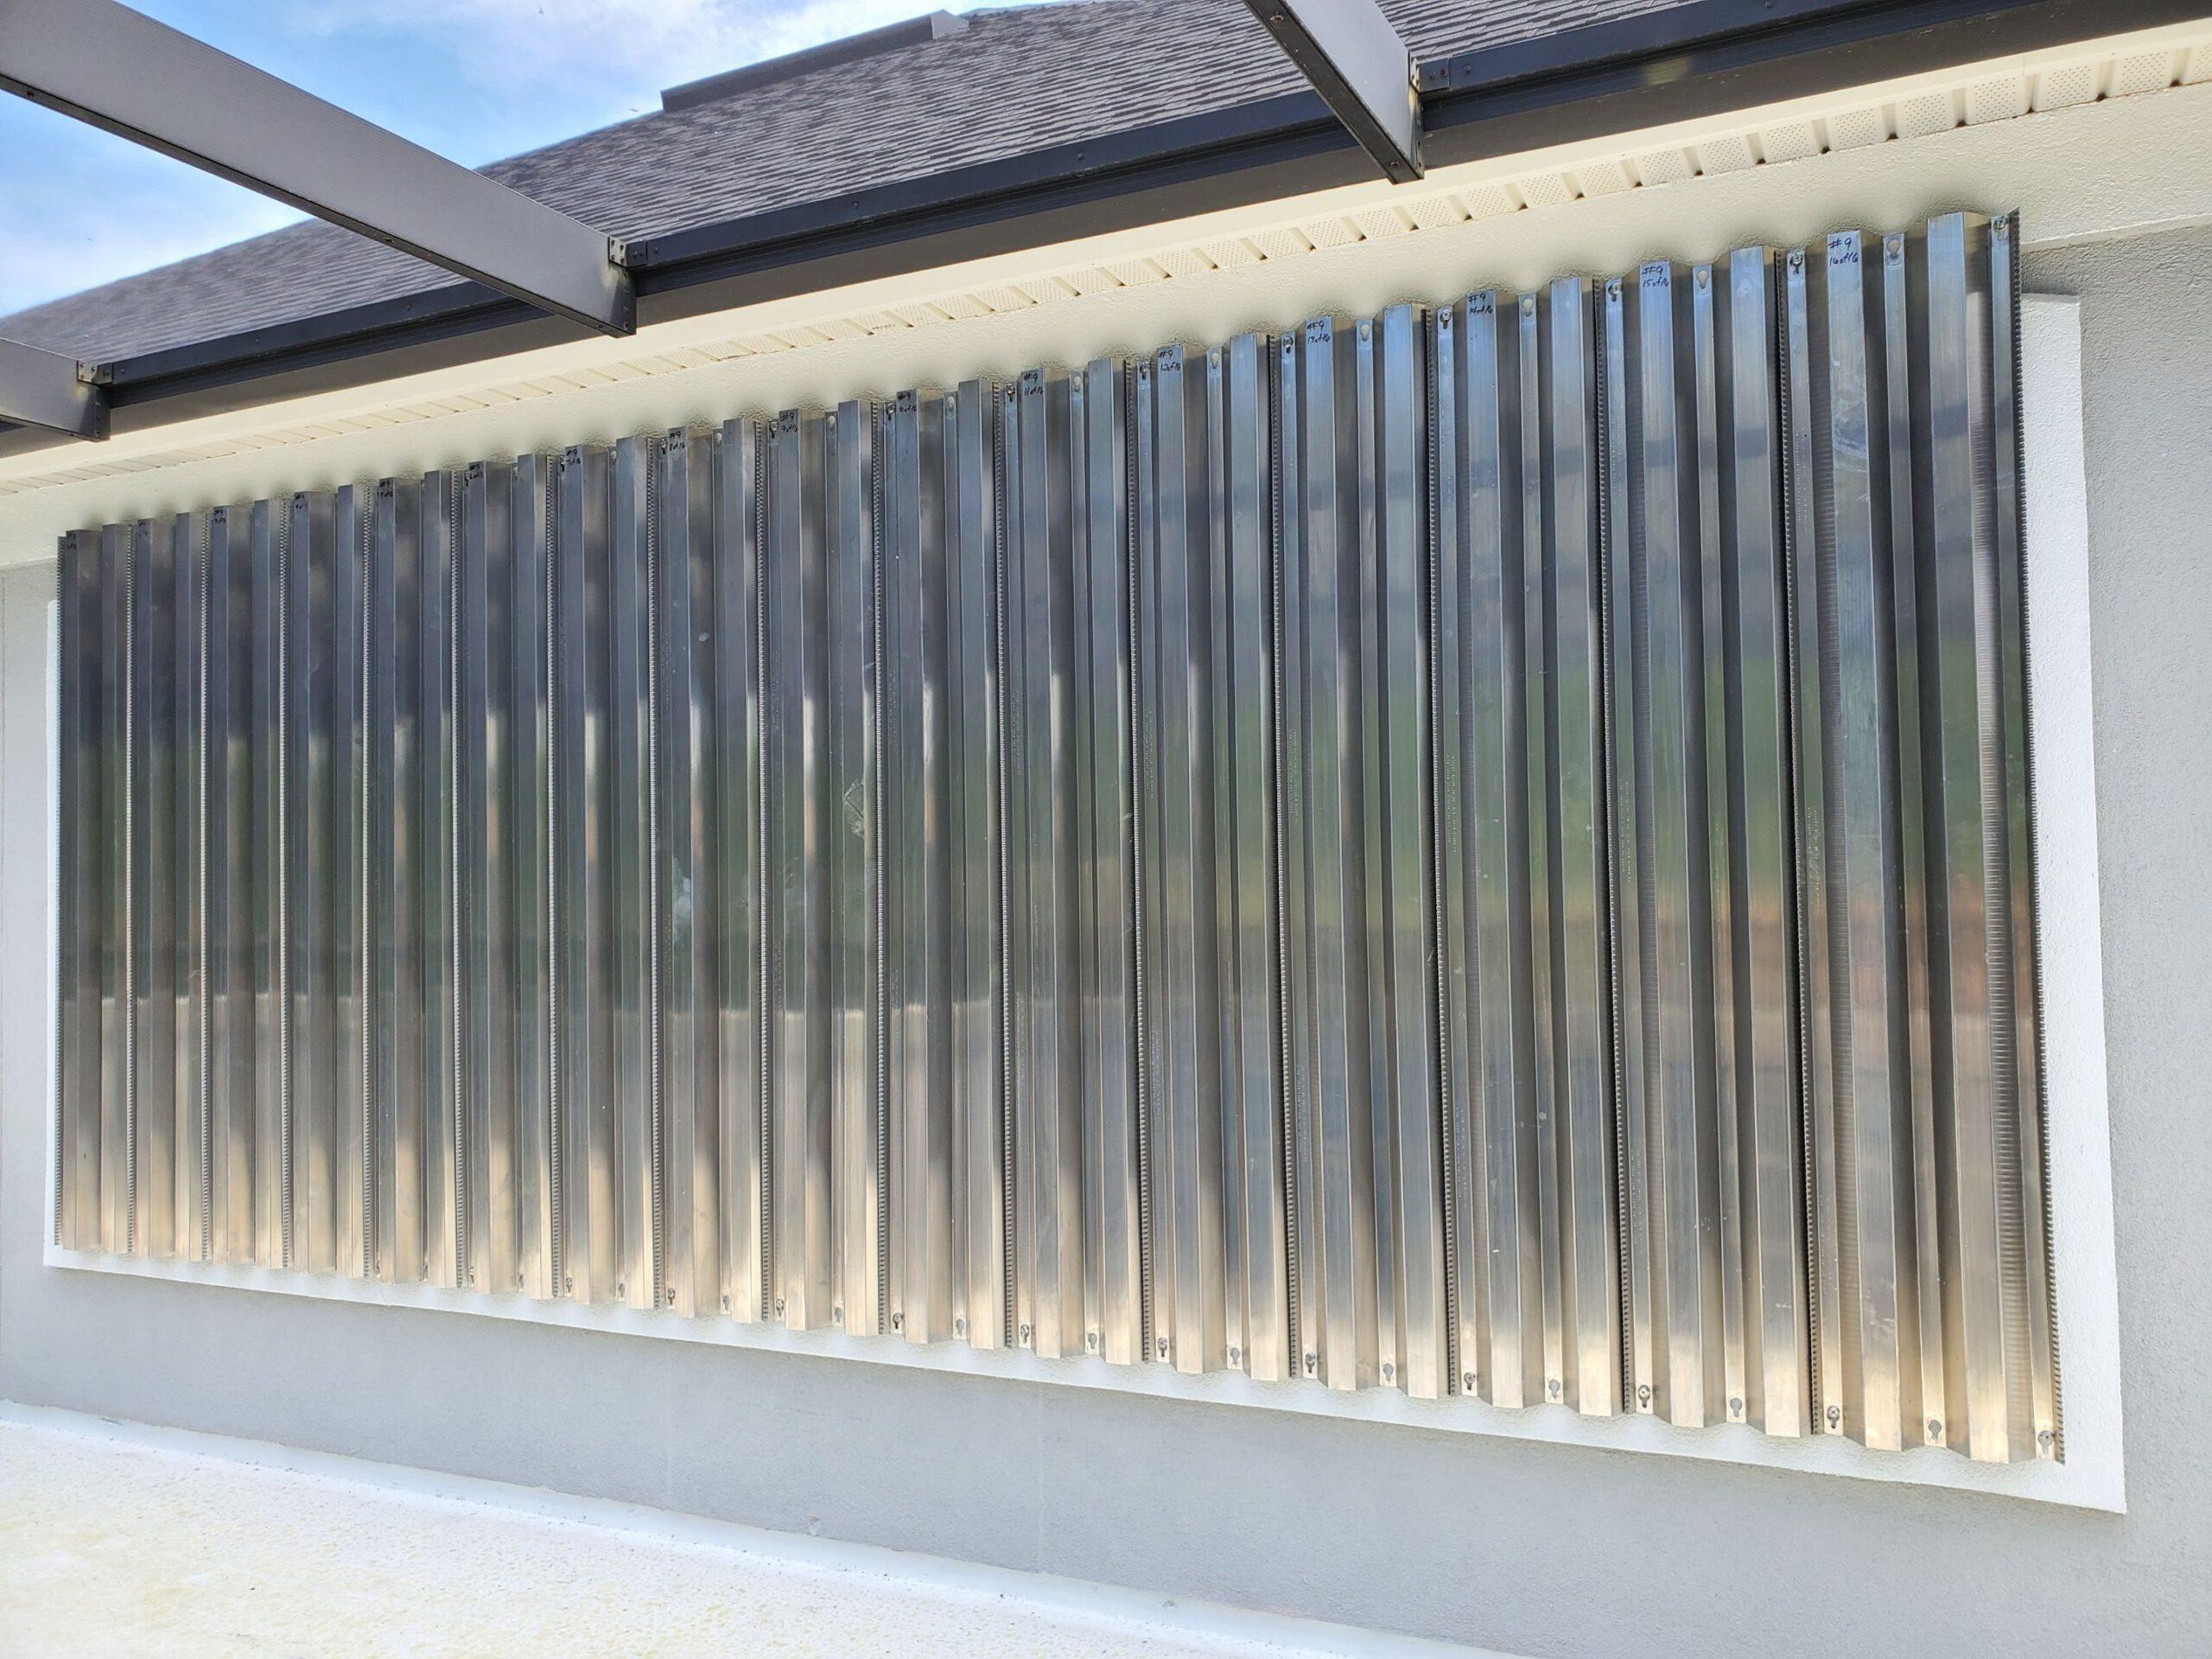 James Durban - laing aluminum panels after